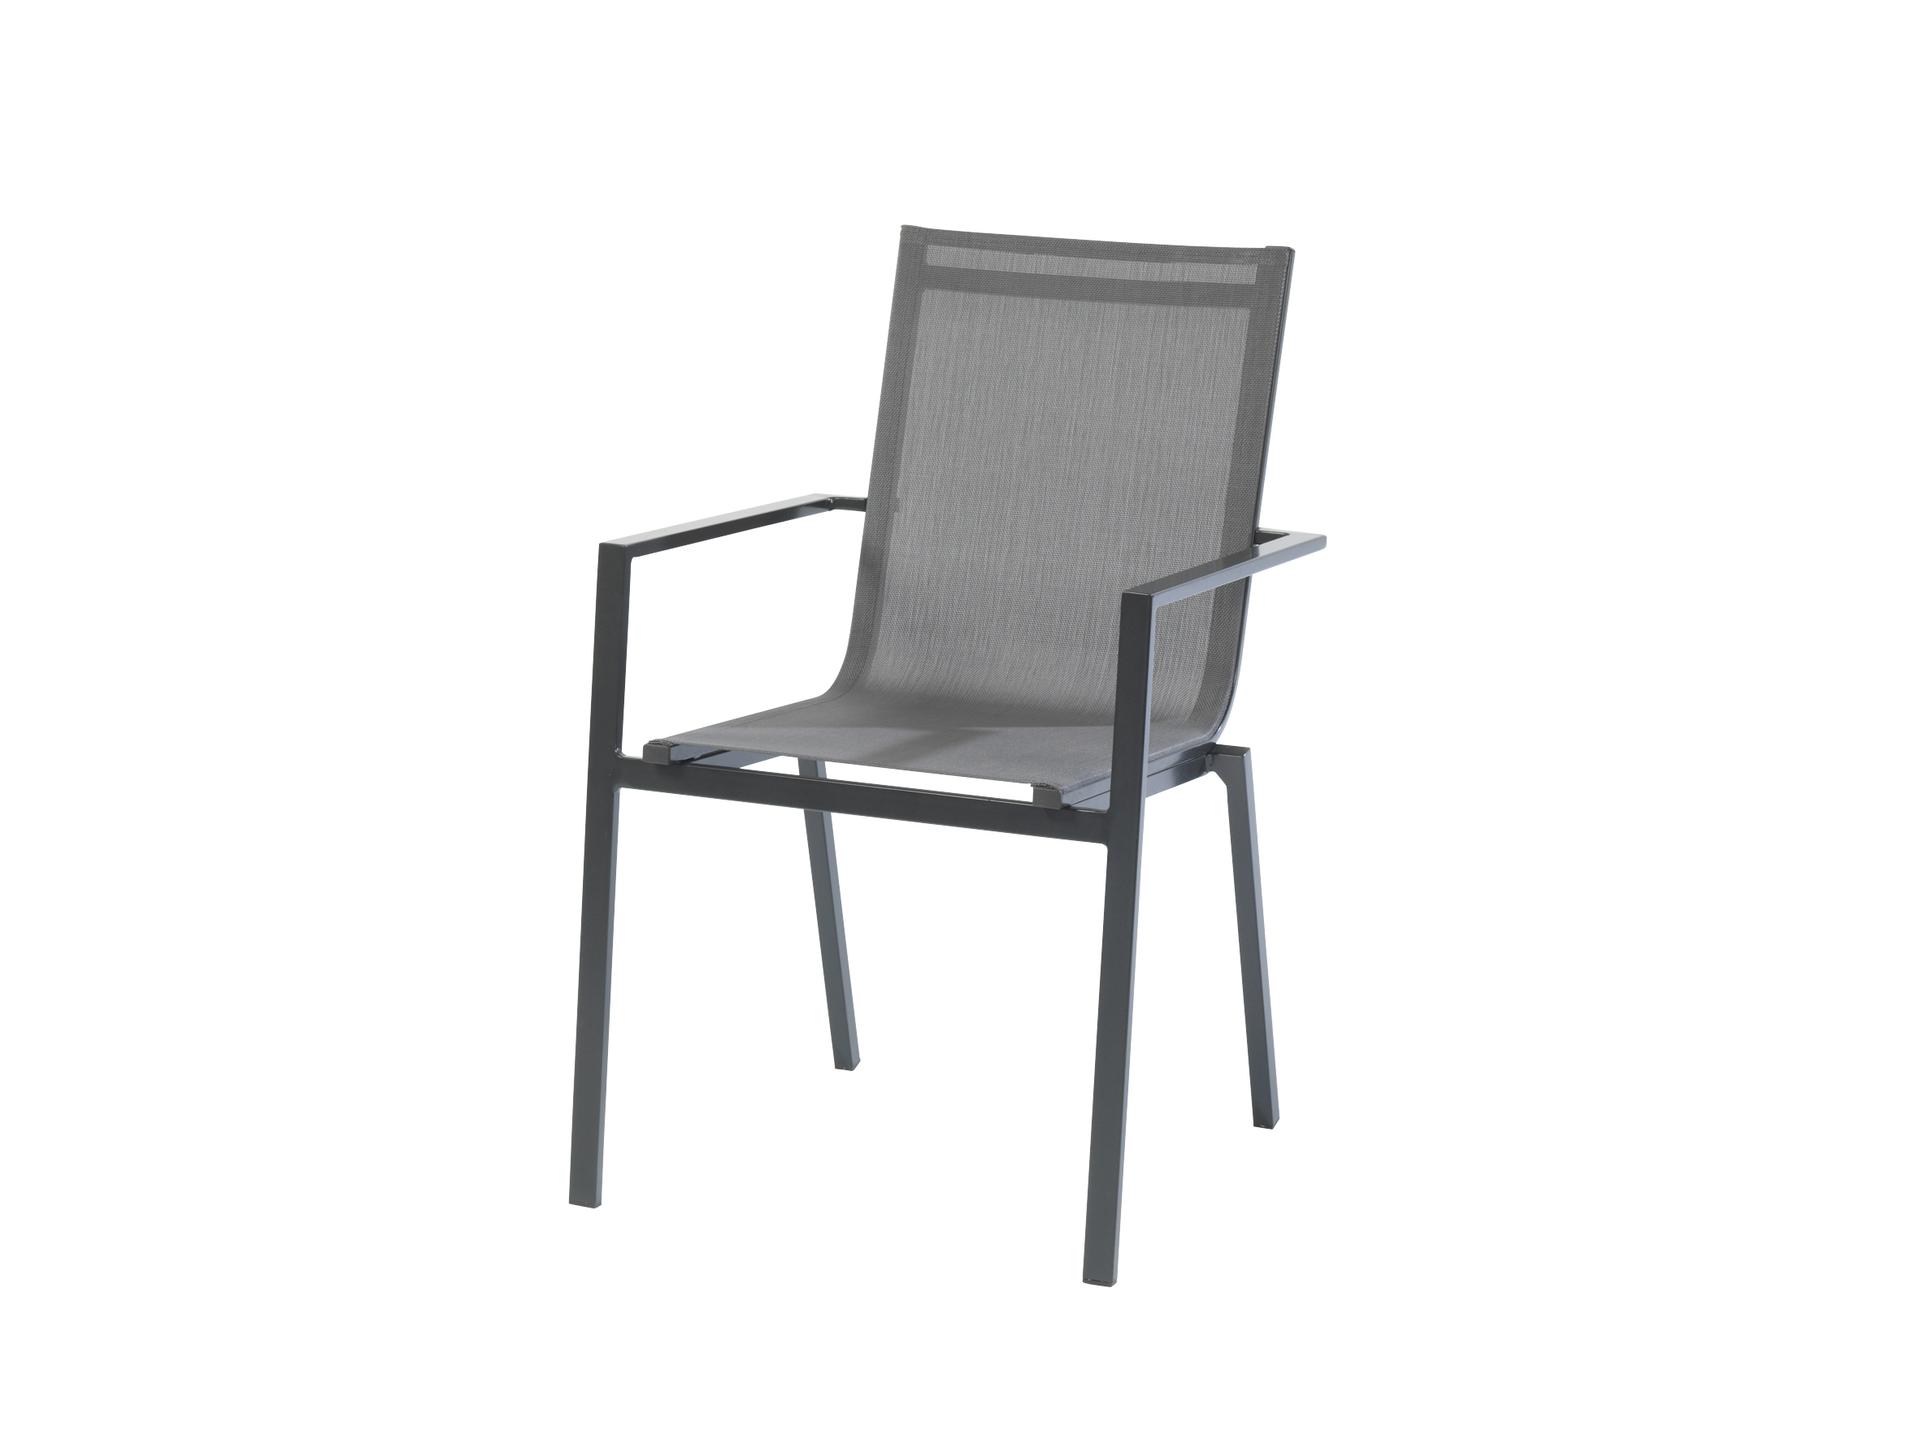 Best fauteuil de jardin pliant multiposition images - Toile pour chaise de jardin ...